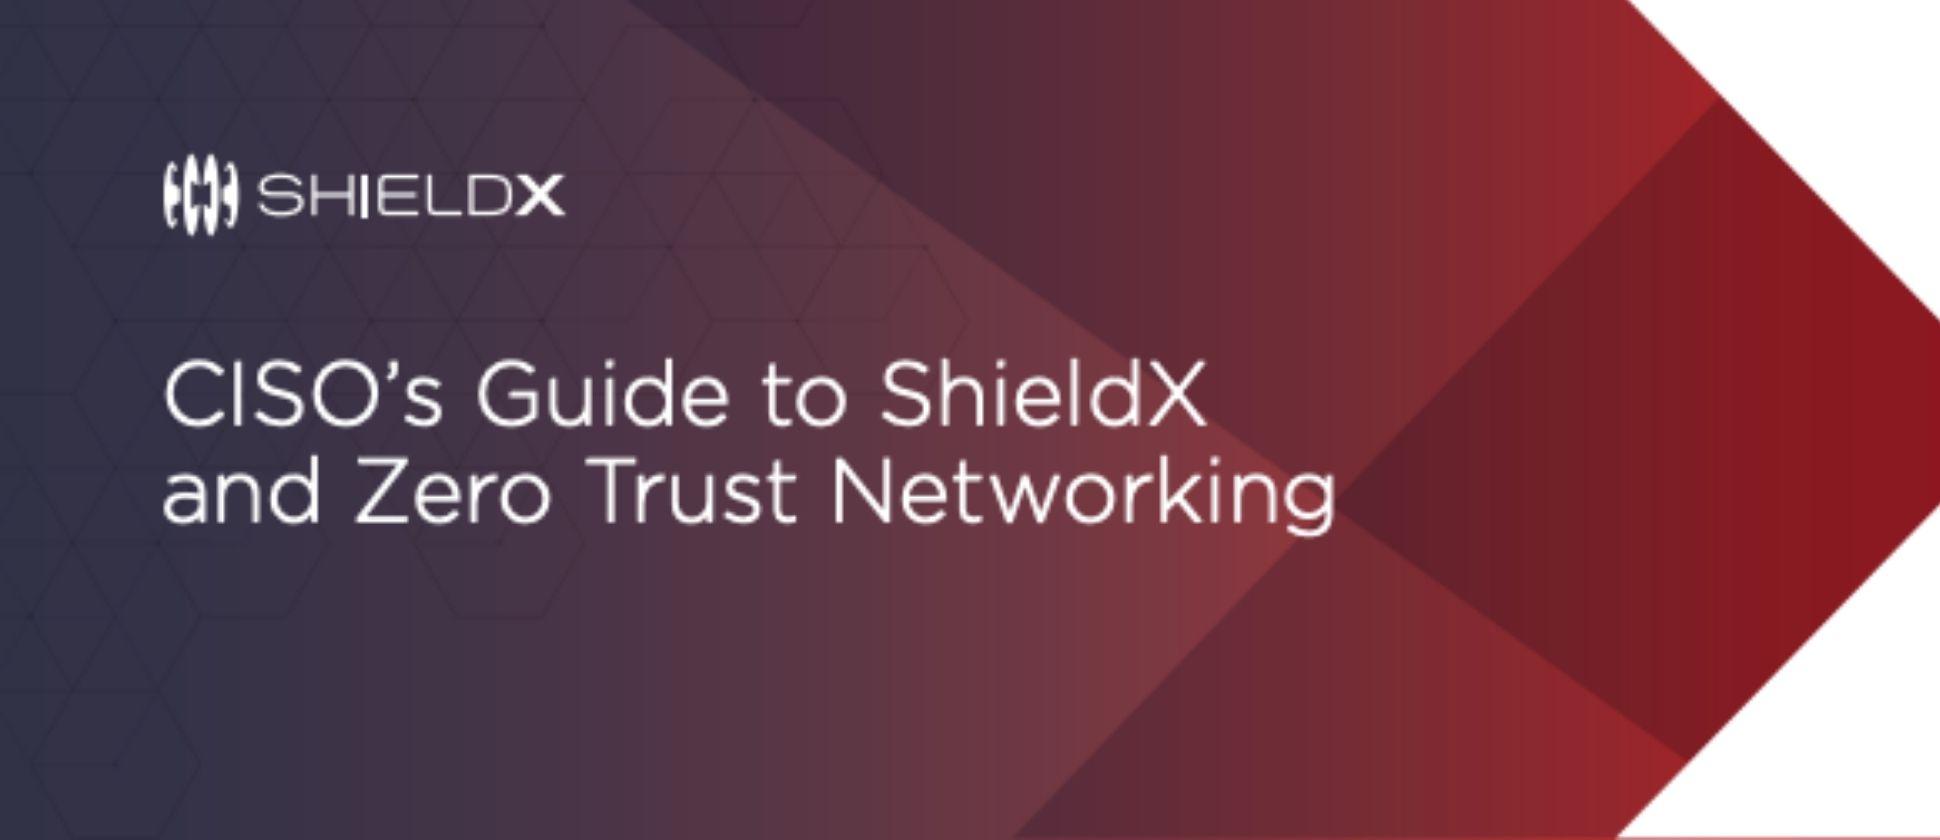 shield x ciso guide to zero trust